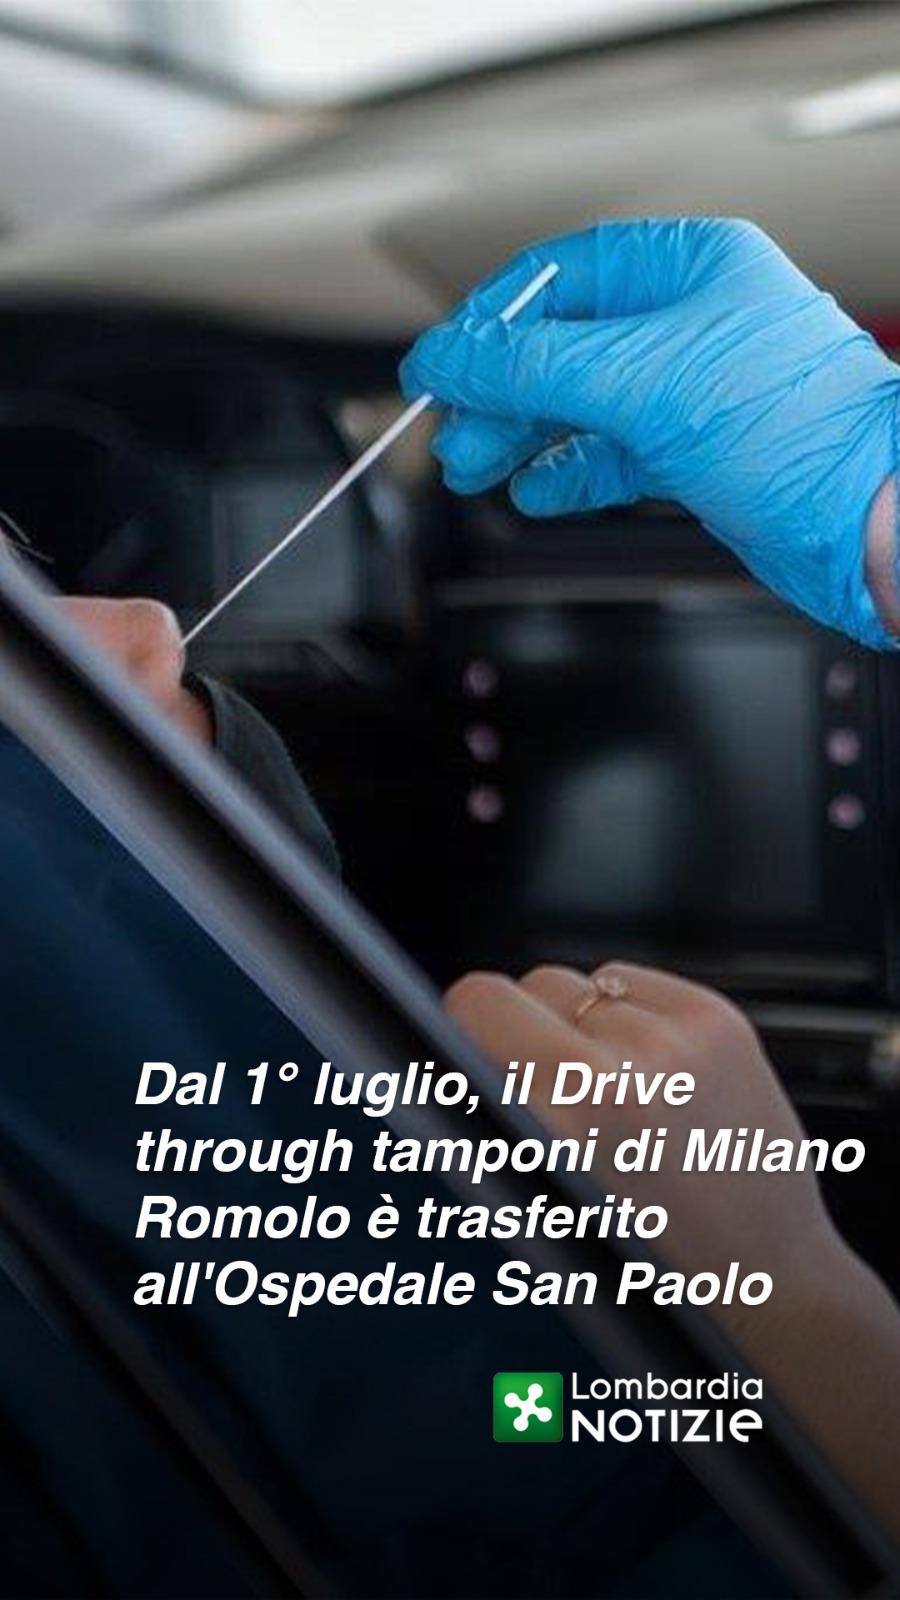 Dal 1° Luglio, Drive through tamponi di Milano Romolo trasferito all'Ospedale San Paolo